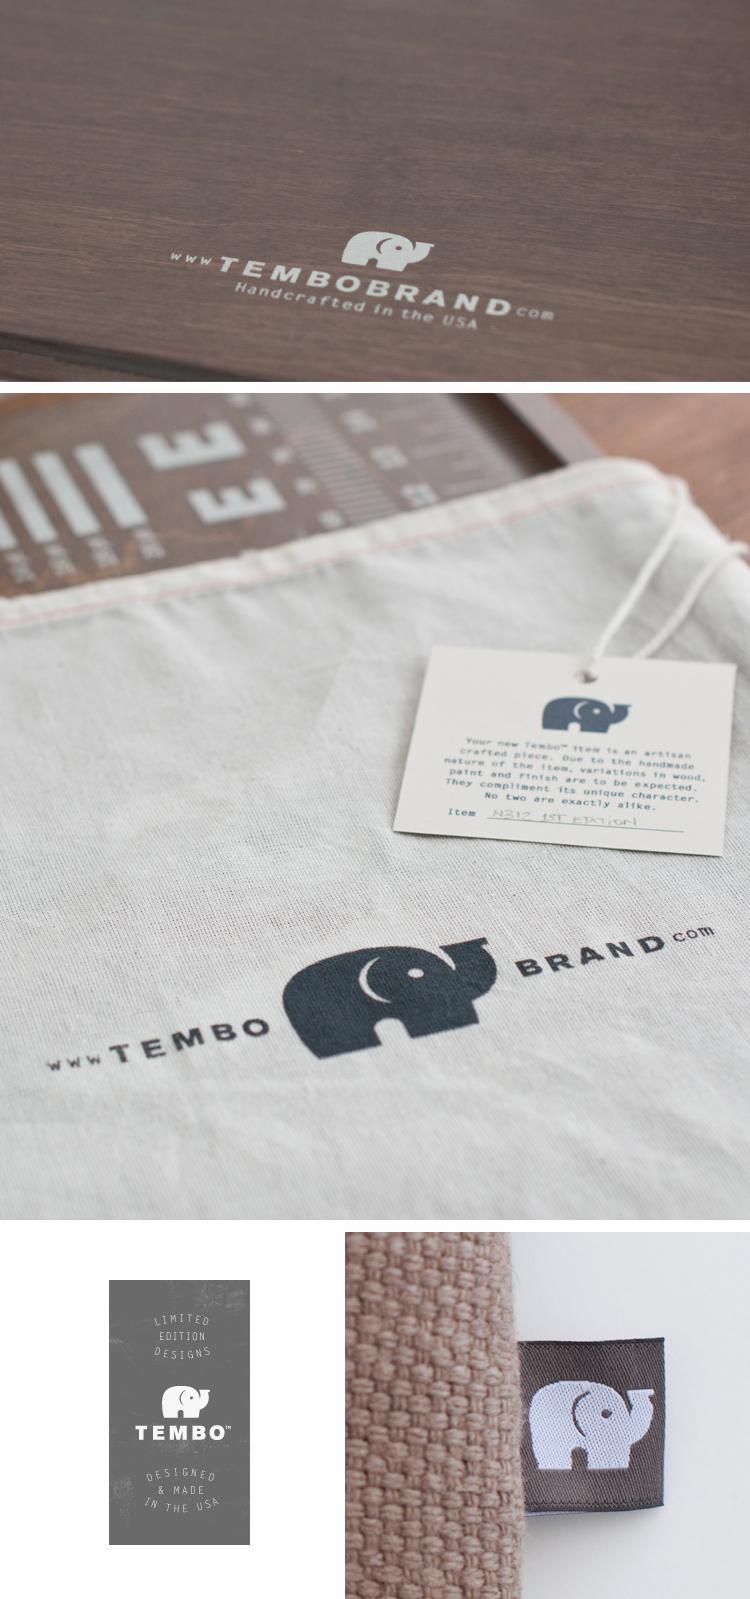 TemboBranding.jpg